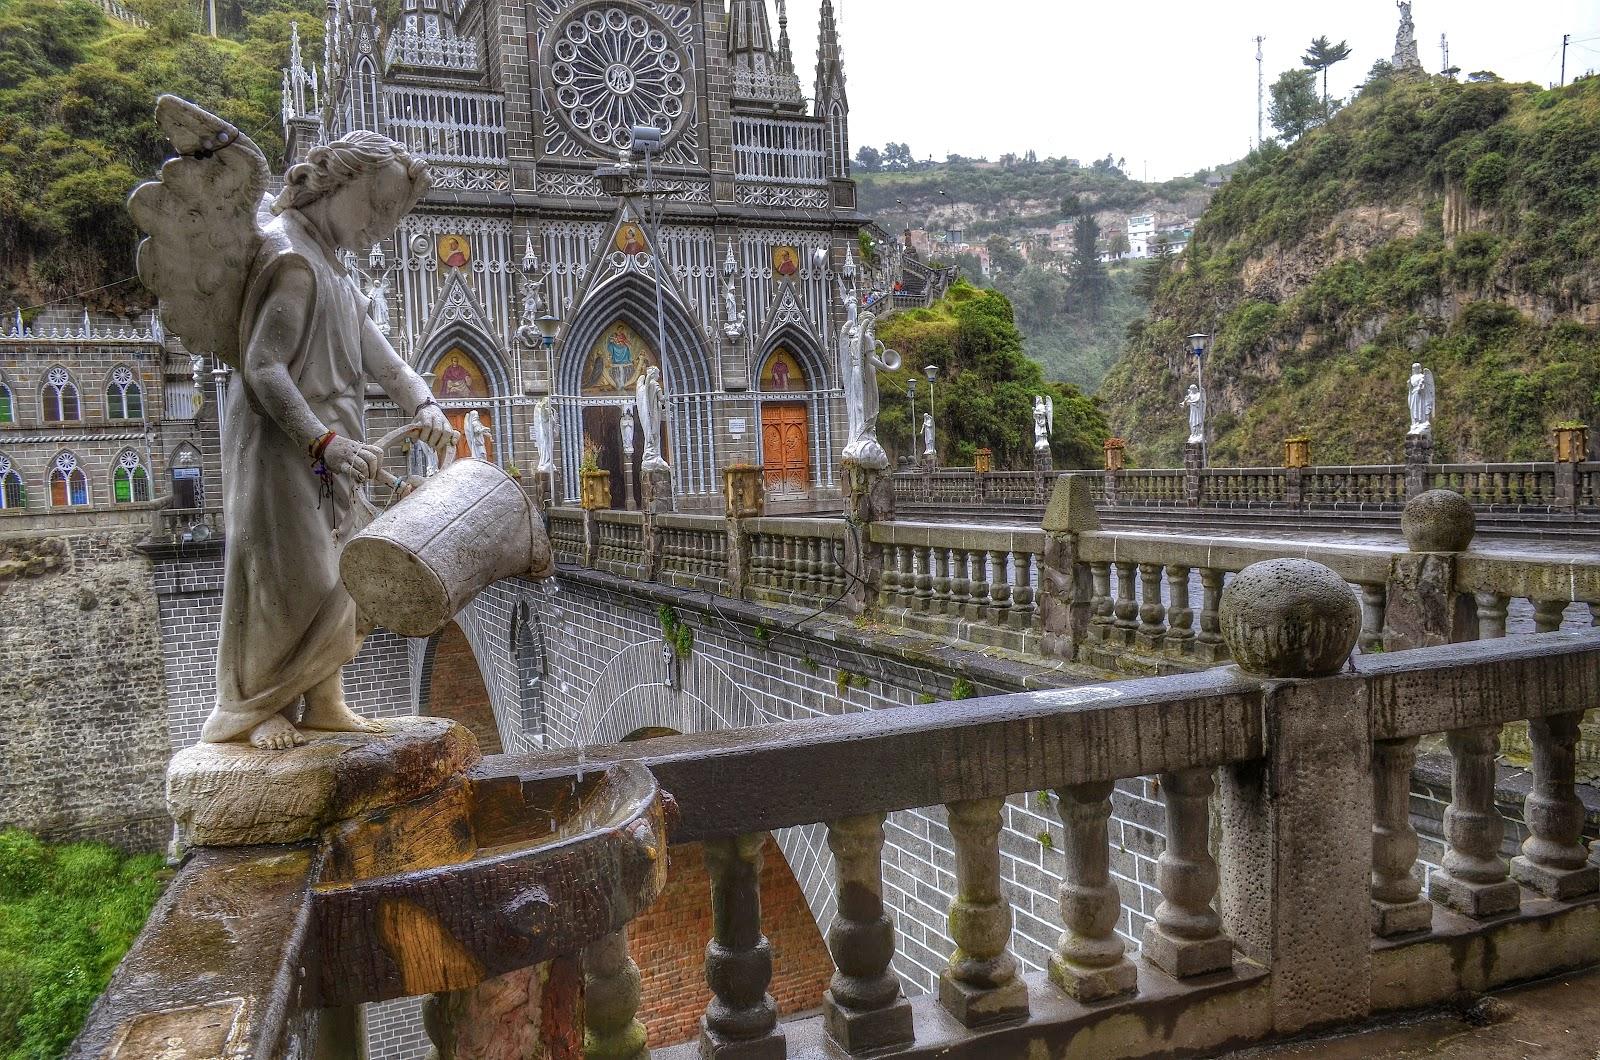 Misteriosamente Impresa en una Piedra: Nuestra Señora de las Lajas, Colombia (16 de septiembre)